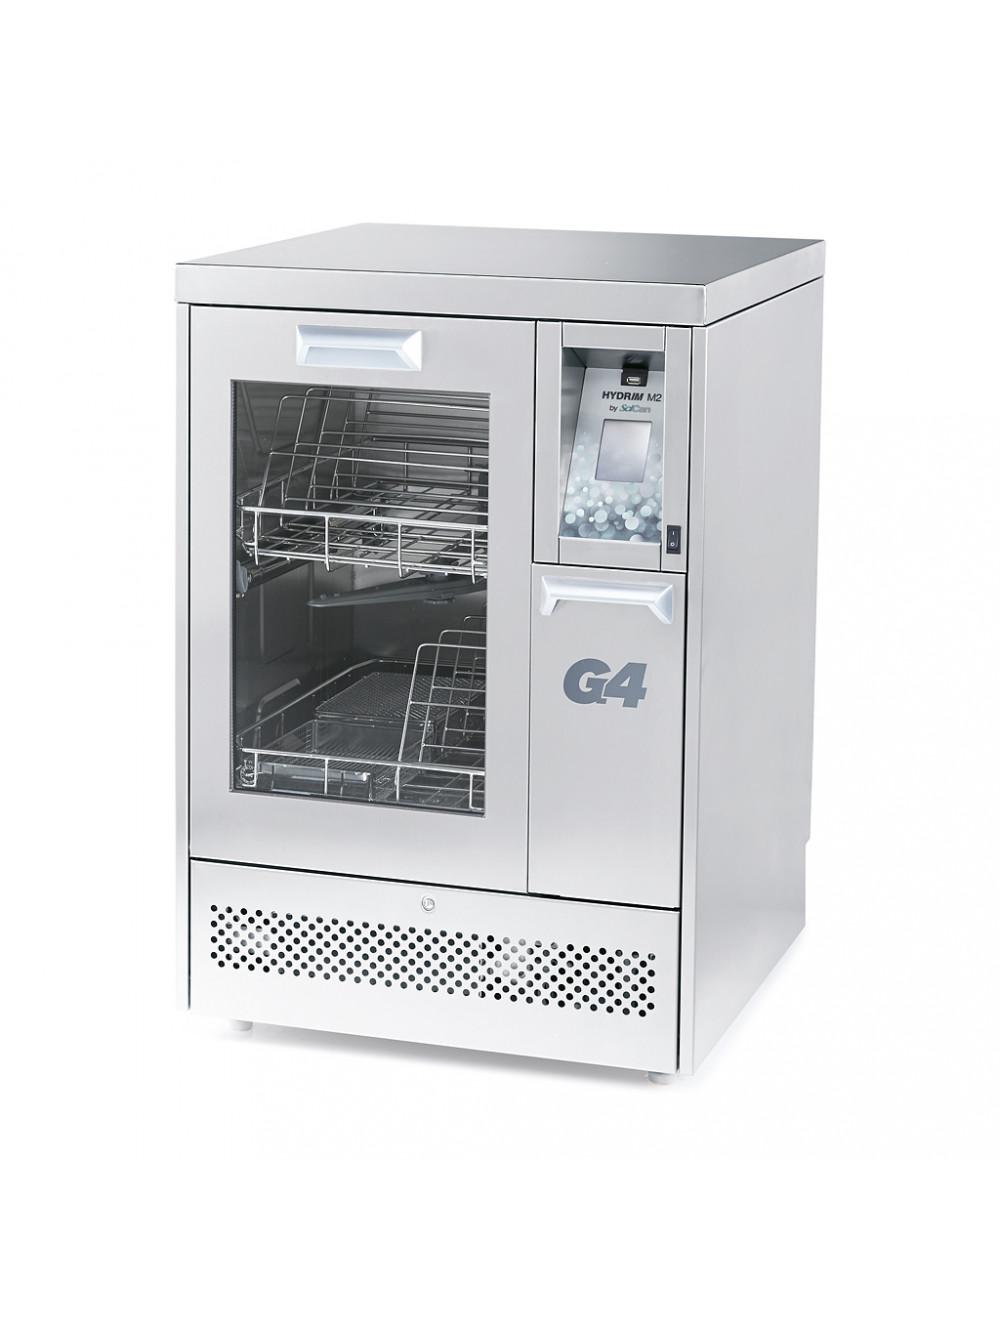 Scican Reinigungs- und Desinfektionsgerät HYDRIM M2, G4-Cloud M2WD-D02SH-G4, Einbaugerät, Beladungsoption 3 Reinigungsgeräte